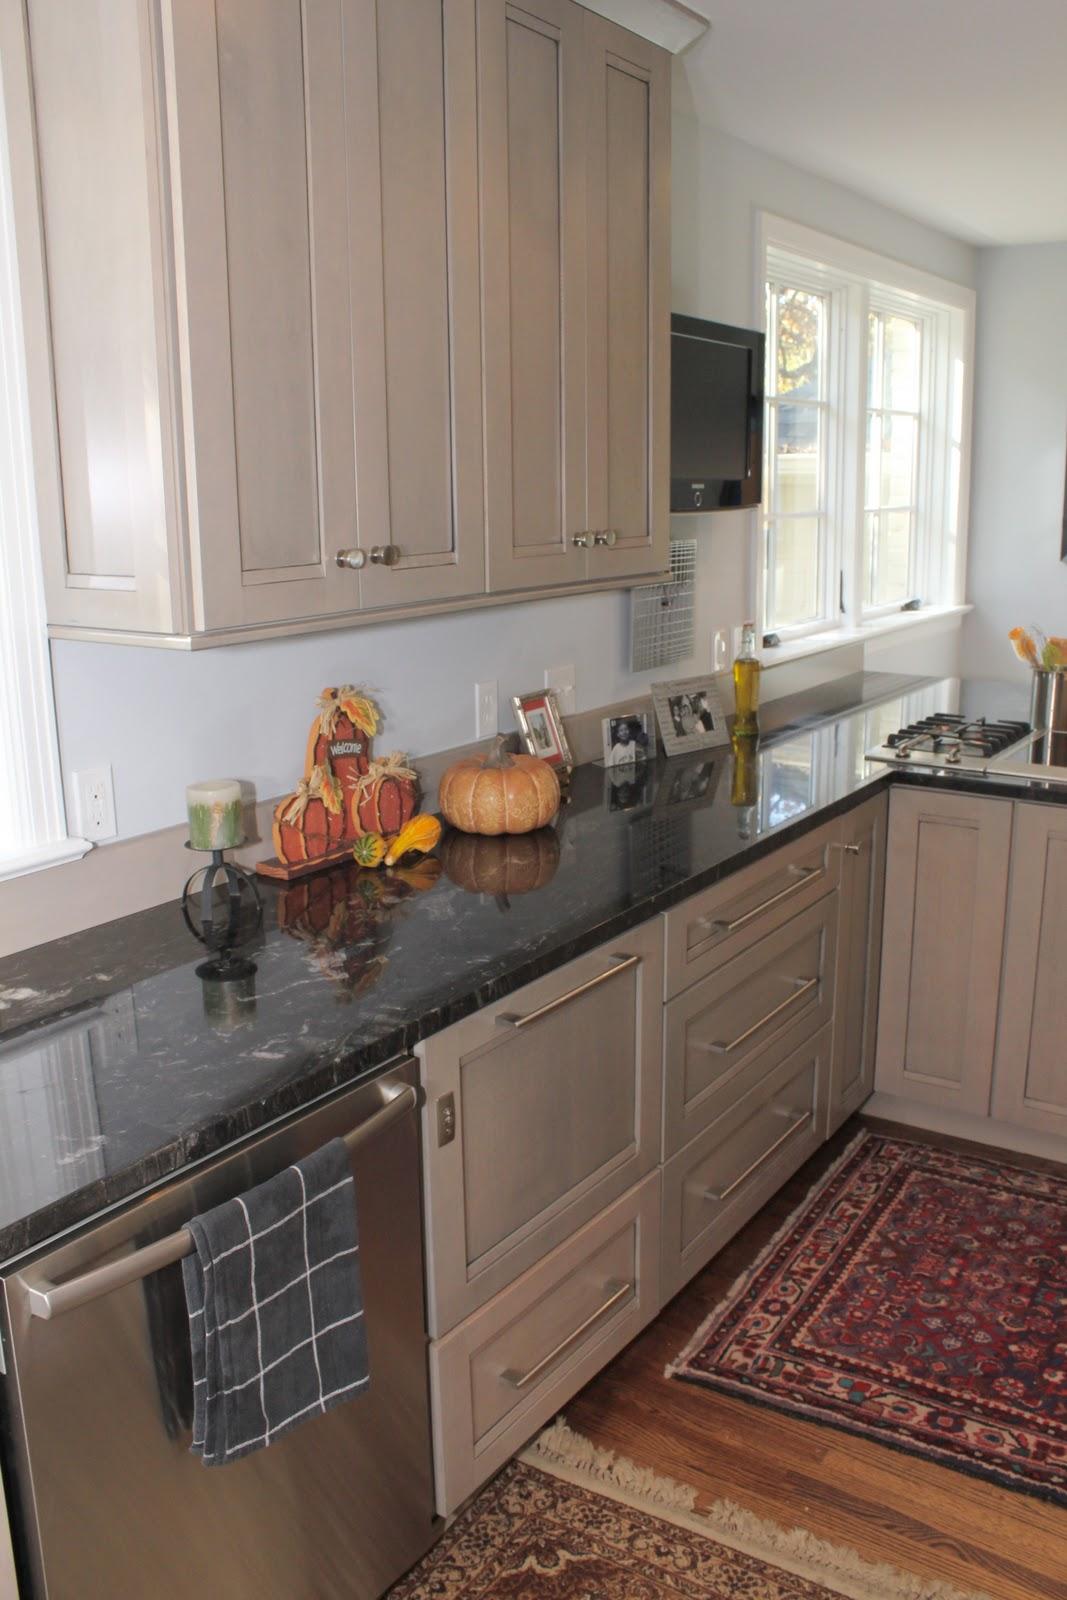 galley kitchen island kitchen design photos 2015. Black Bedroom Furniture Sets. Home Design Ideas